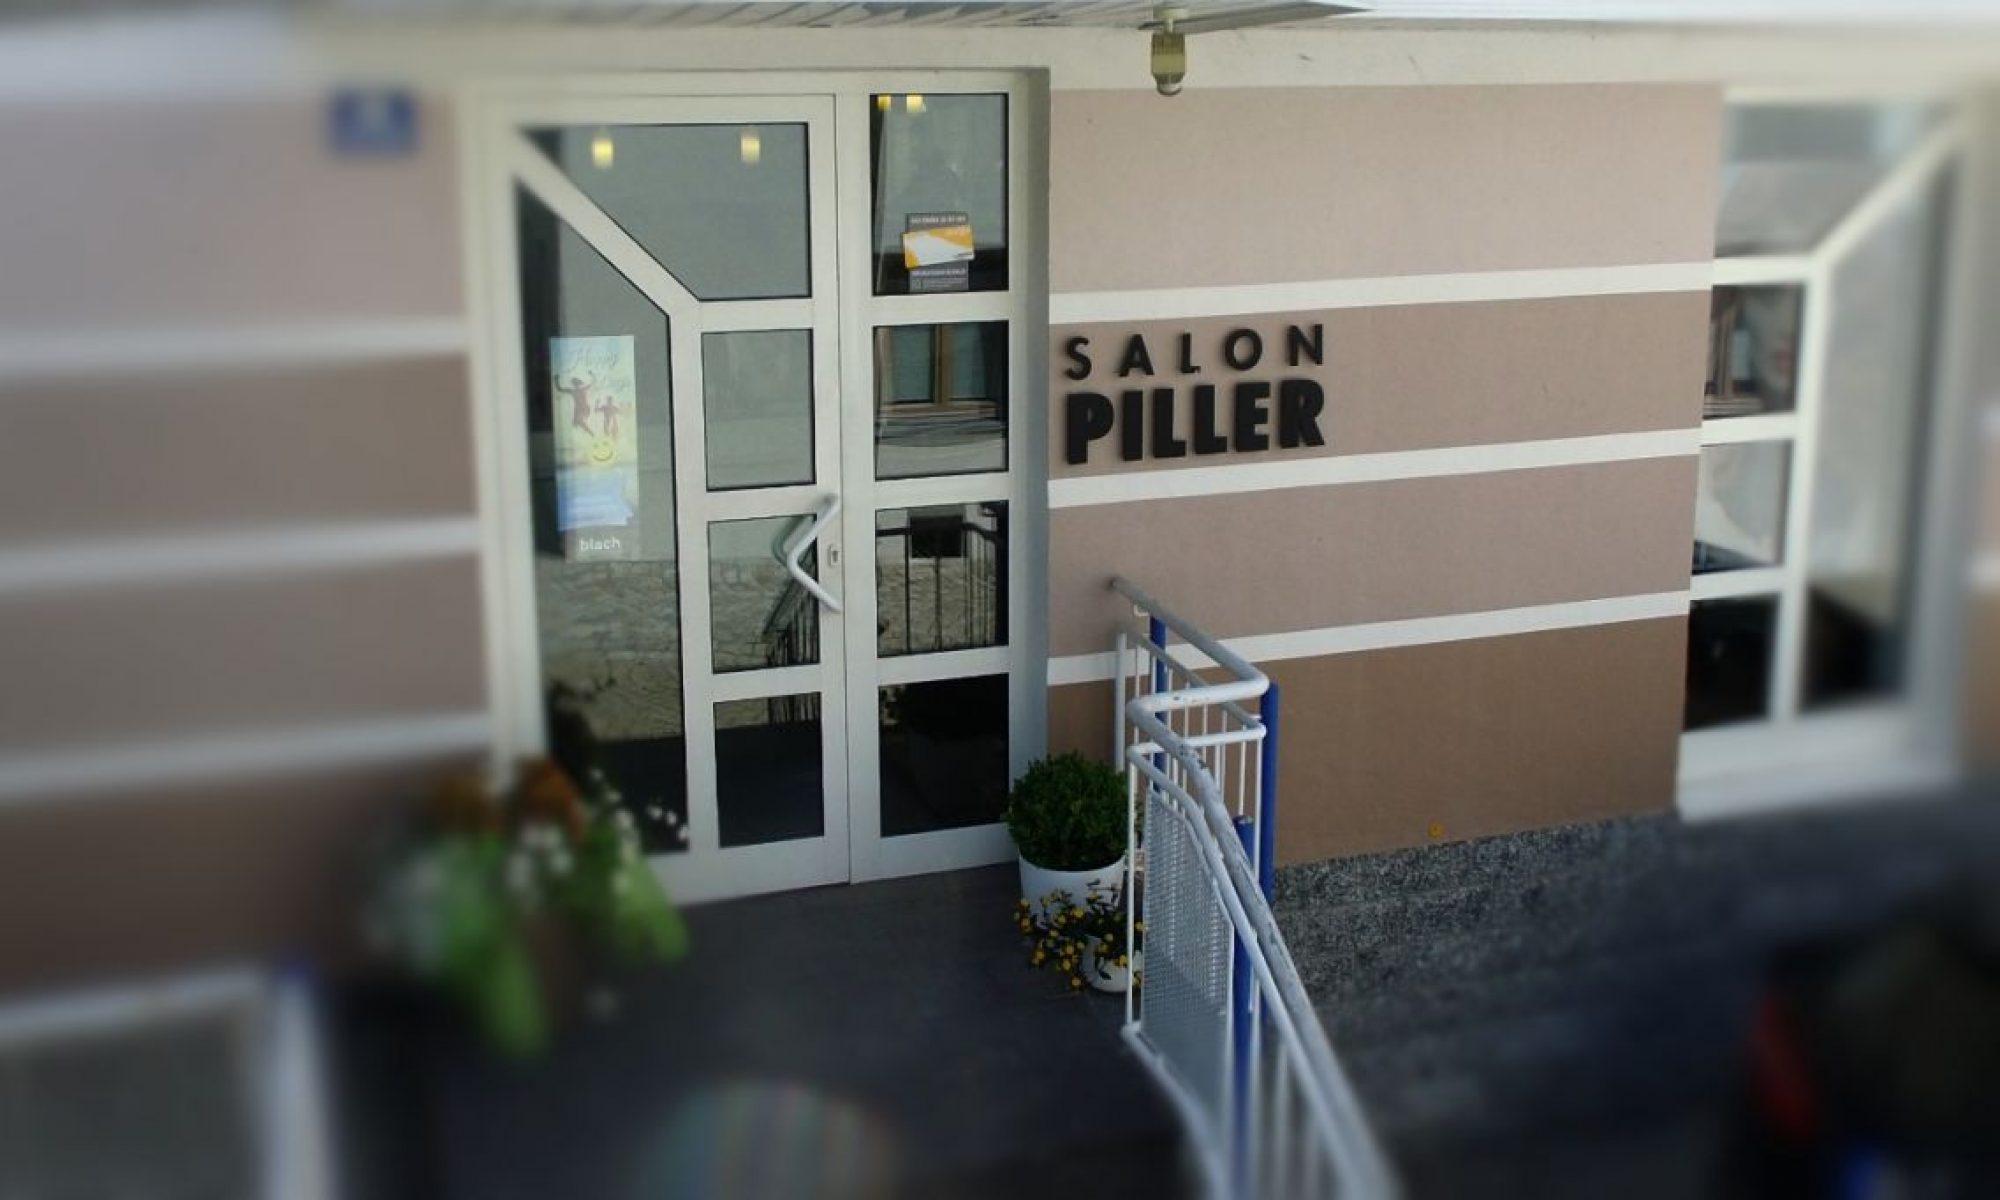 Salon Piller – Ihr Friseur in Grafenau und Spiegelau